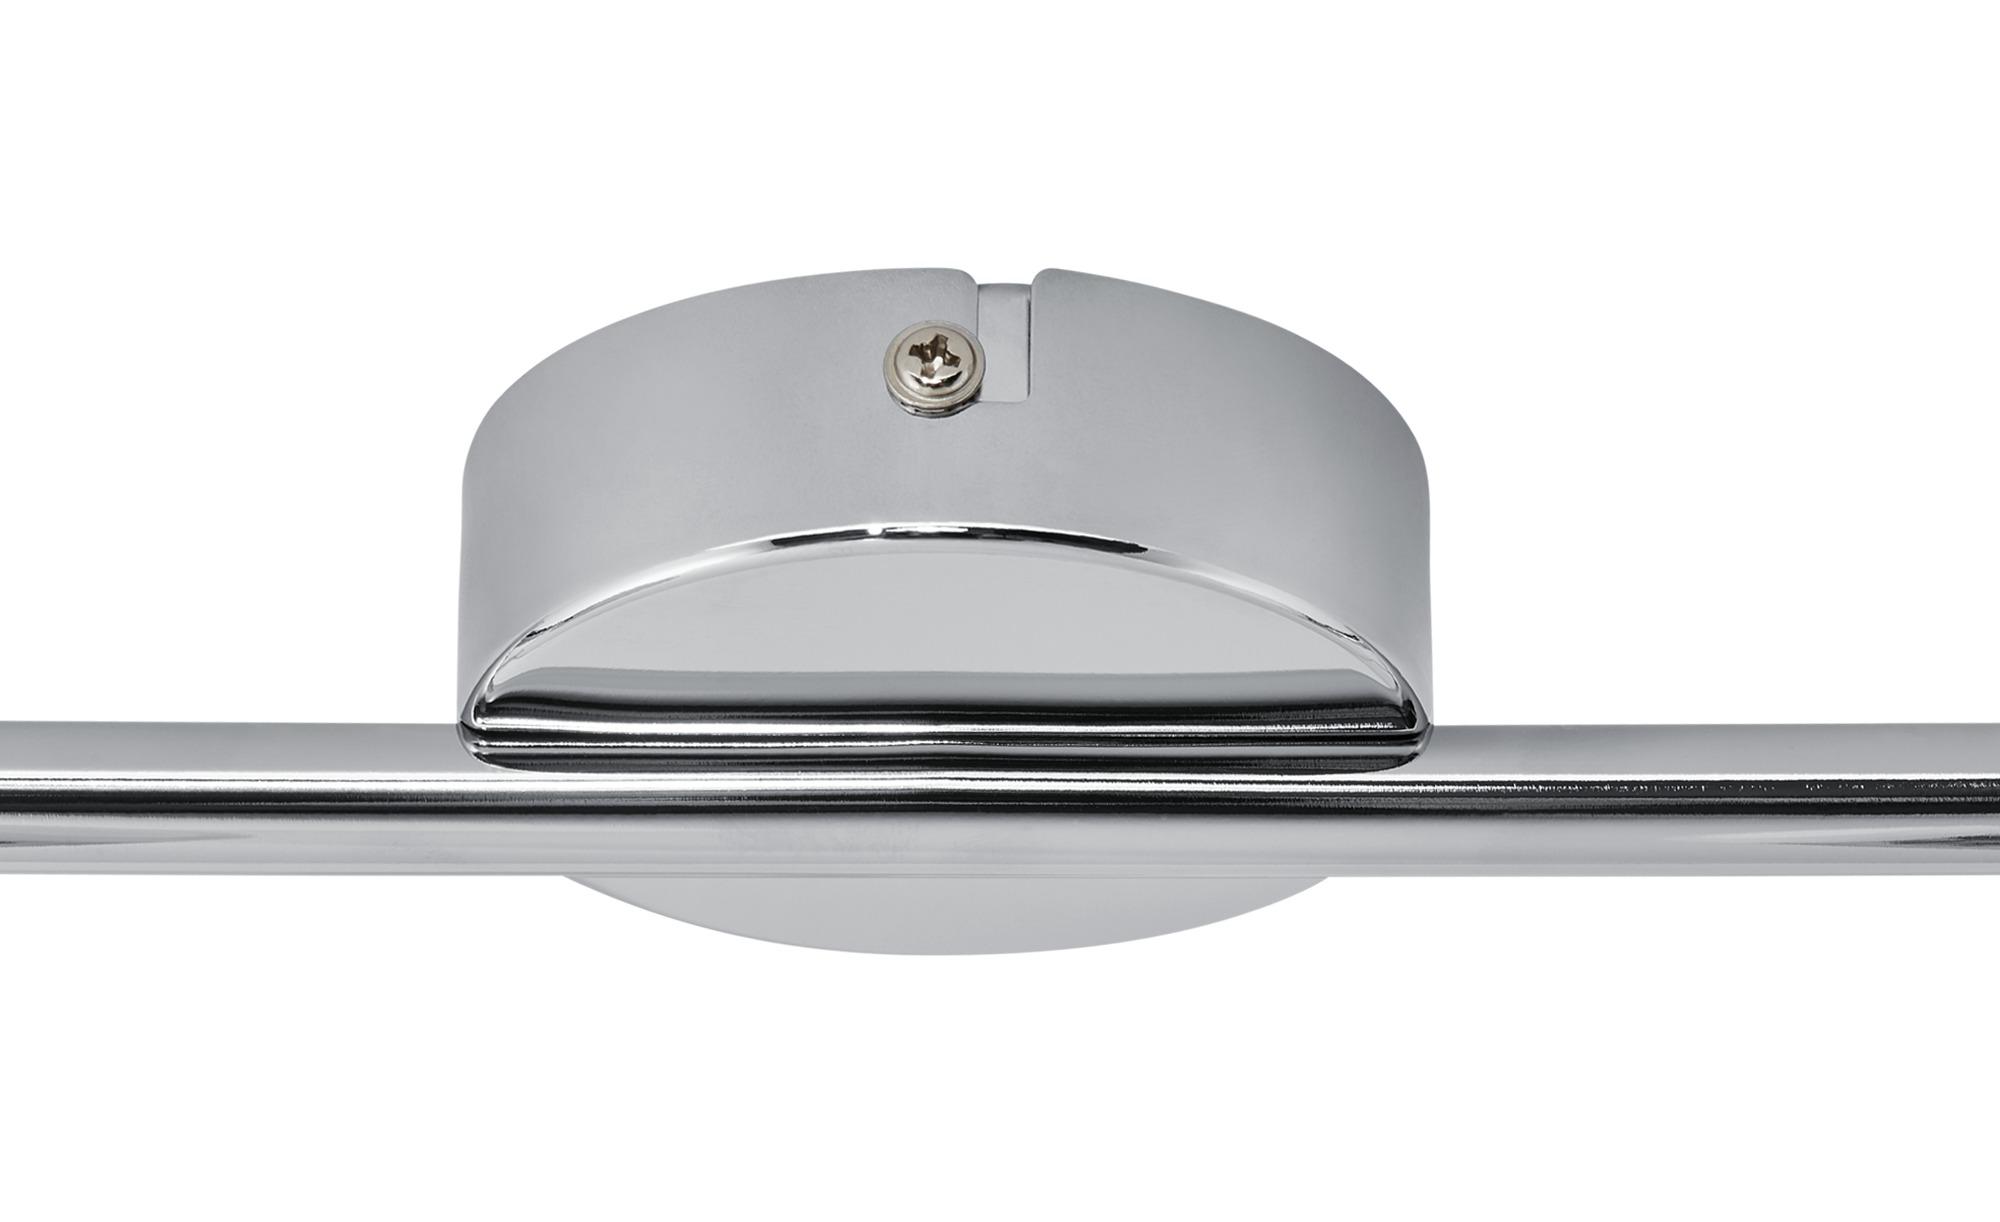 KHG LED-Deckenstrahler, 2-flammig, chrom ¦ silber ¦ Maße (cm): B: 8 H: 13 Lampen & Leuchten > LED-Leuchten > LED-Strahler & Spots - Höffner